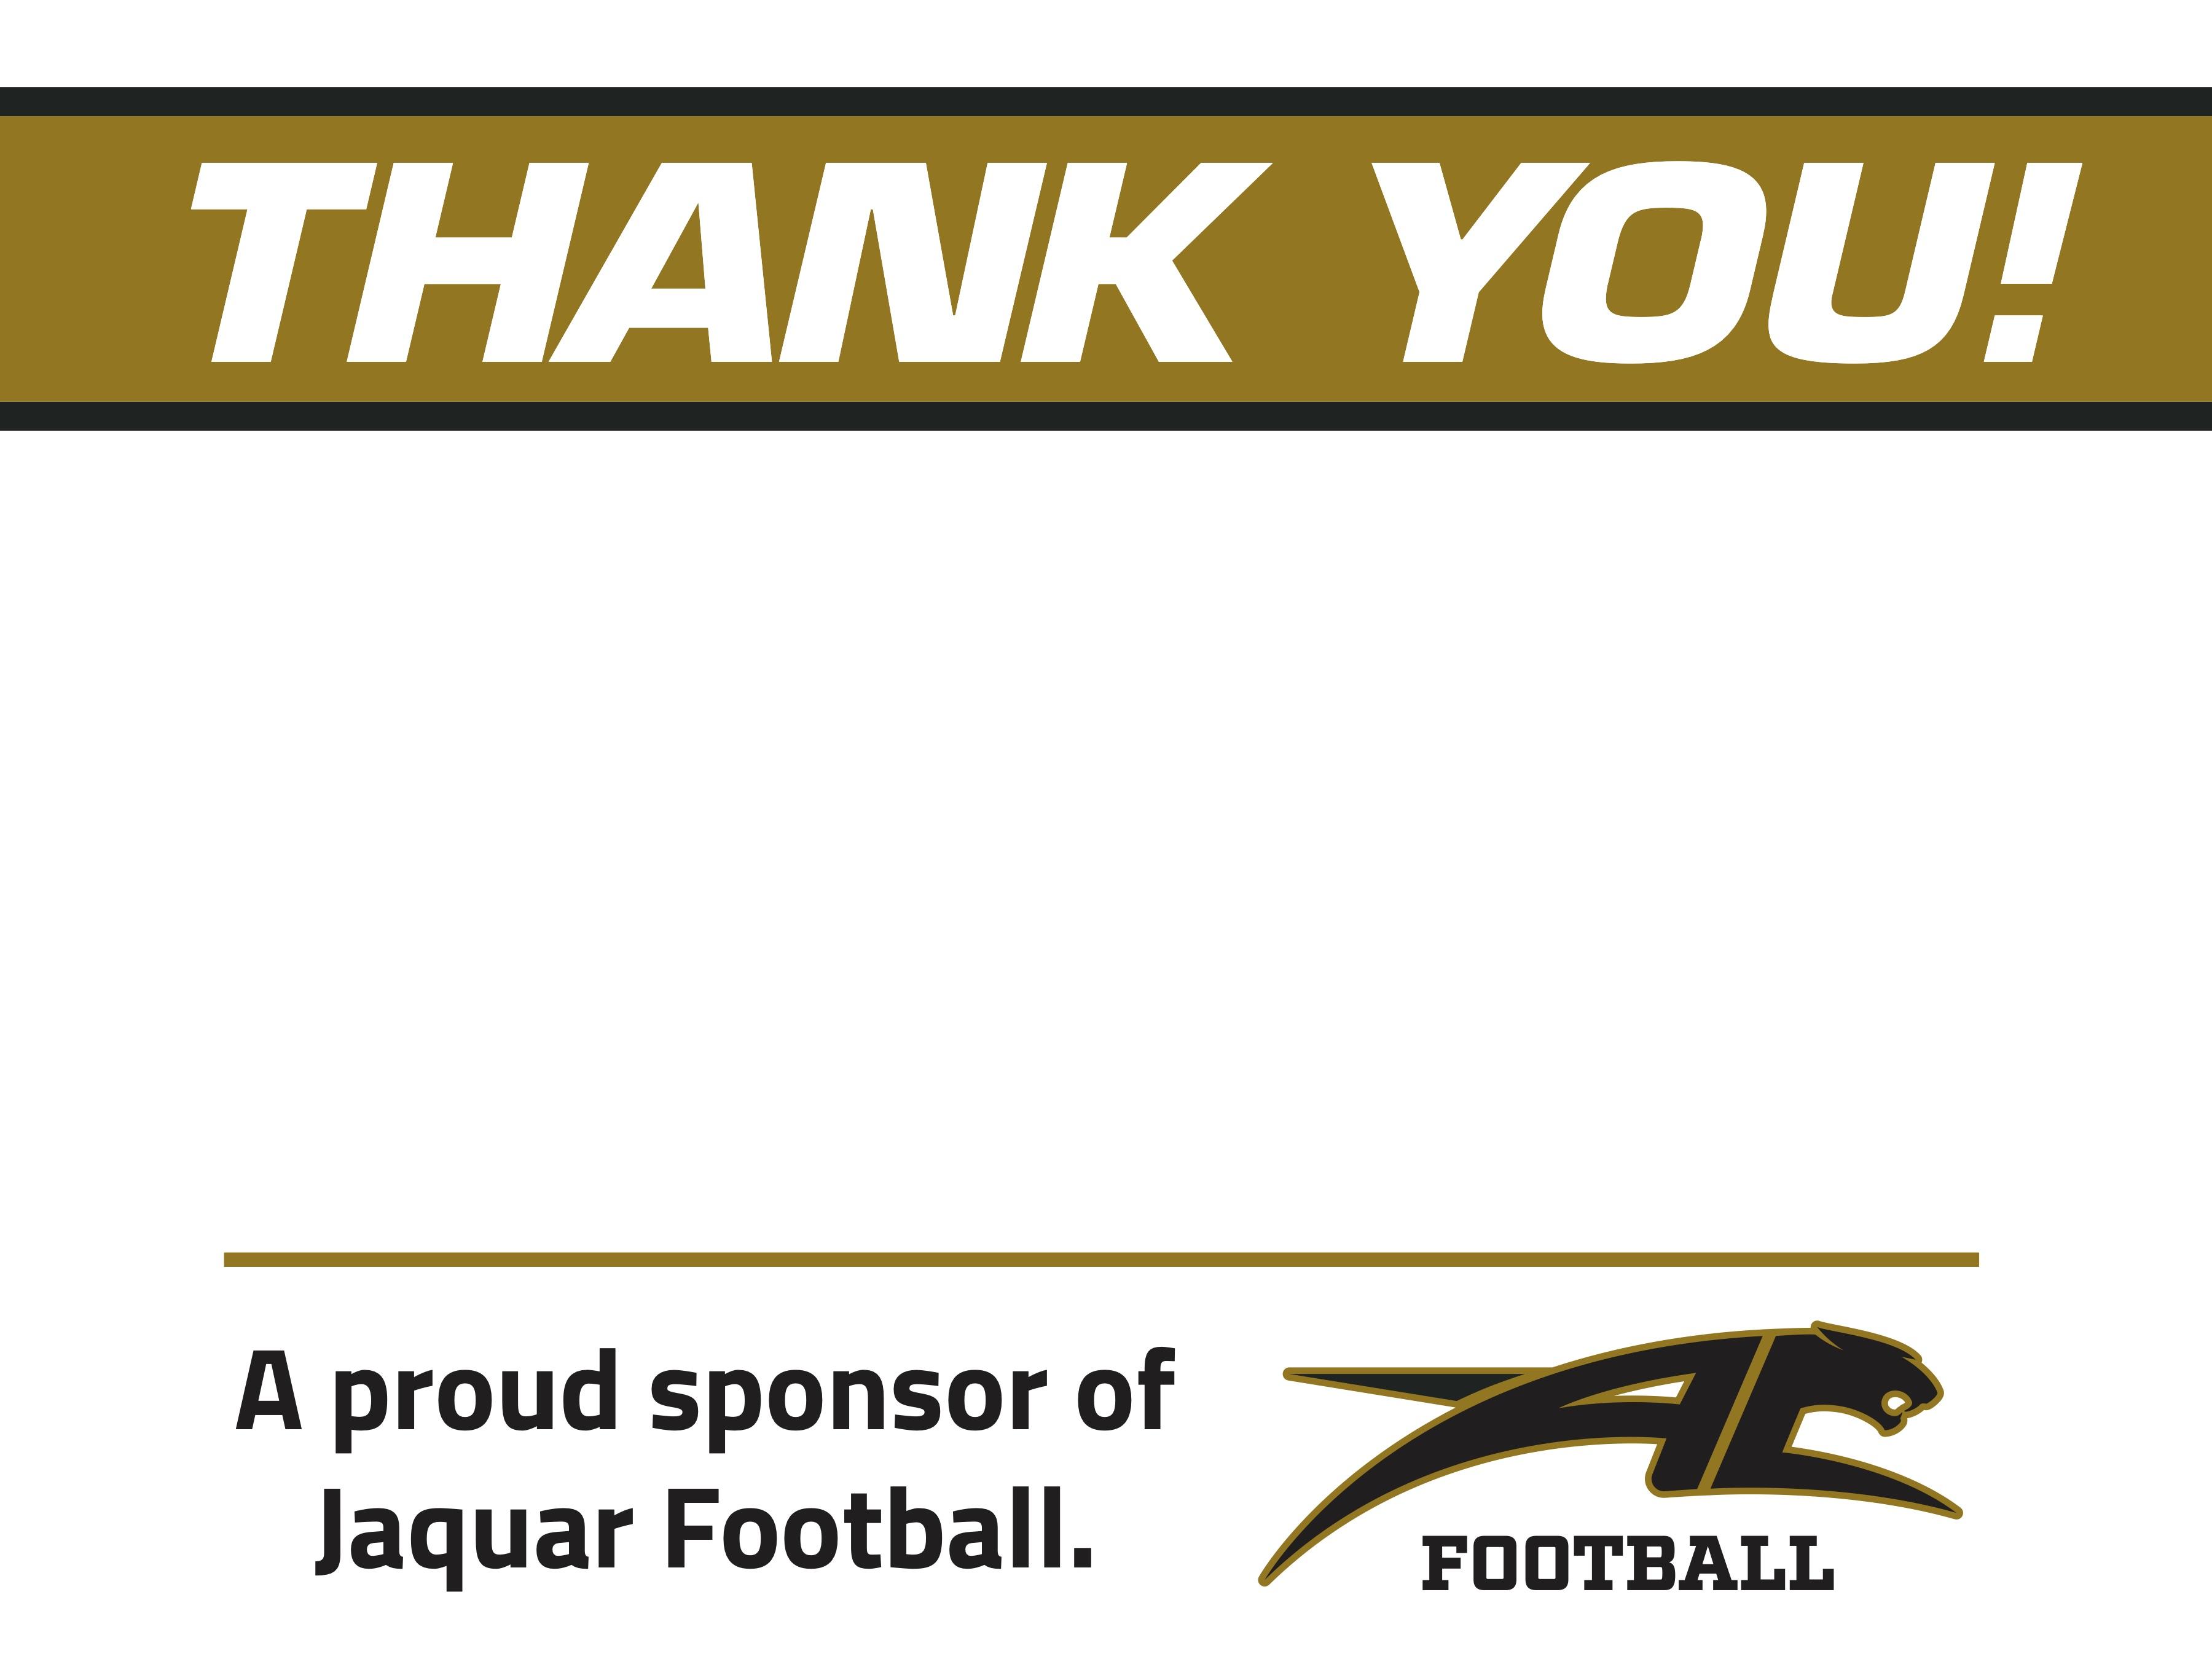 Jaguar Football Golf Tournament - Default Image of Beverage Sponsor